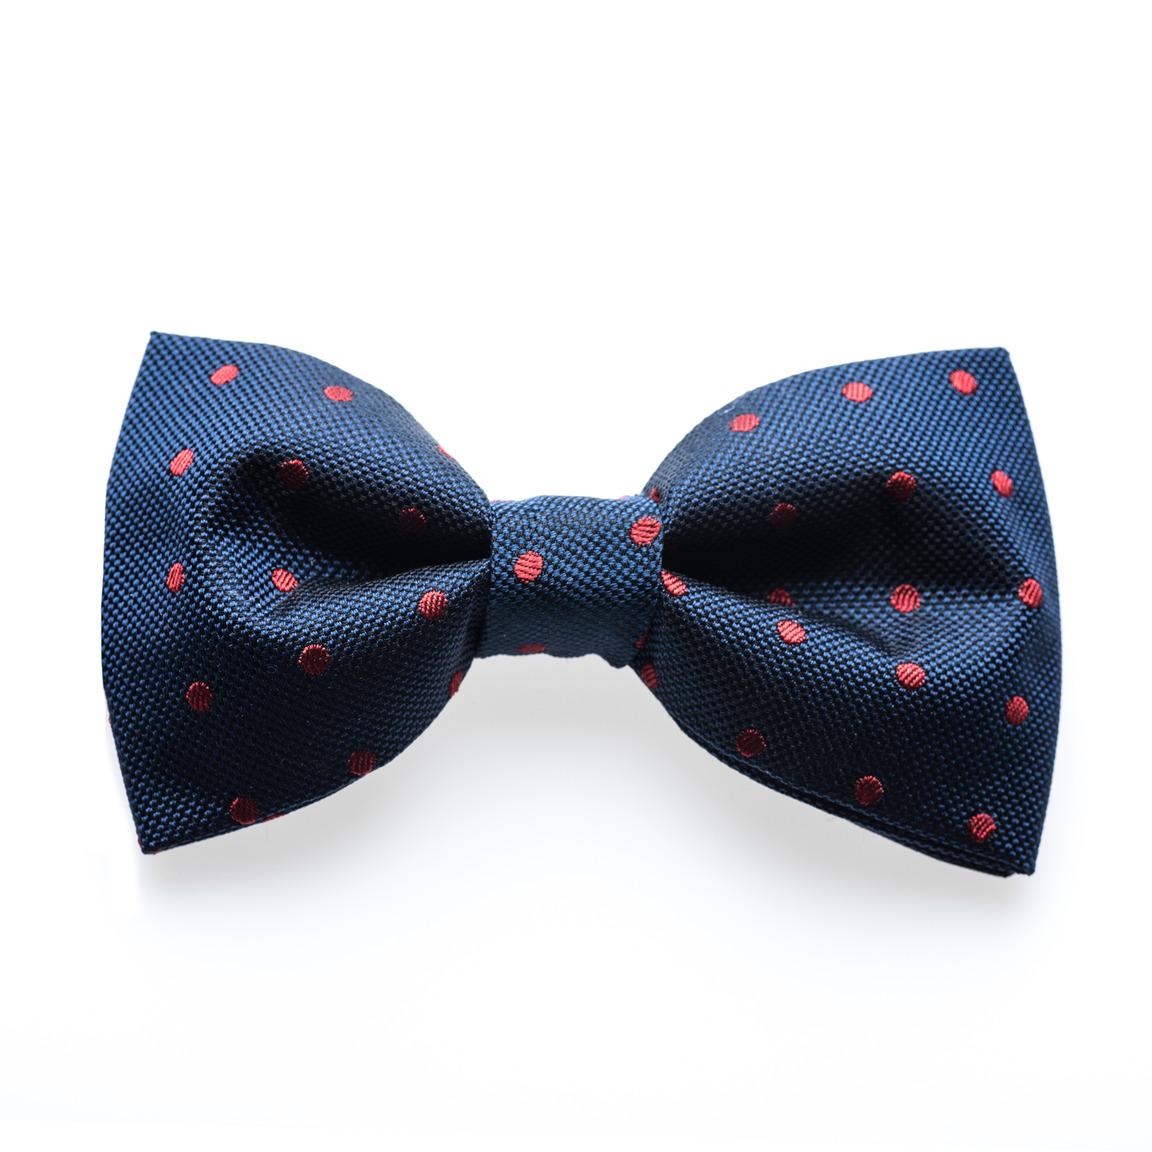 Venton Crimson - noeud papillon à pois Bleu/Rouge